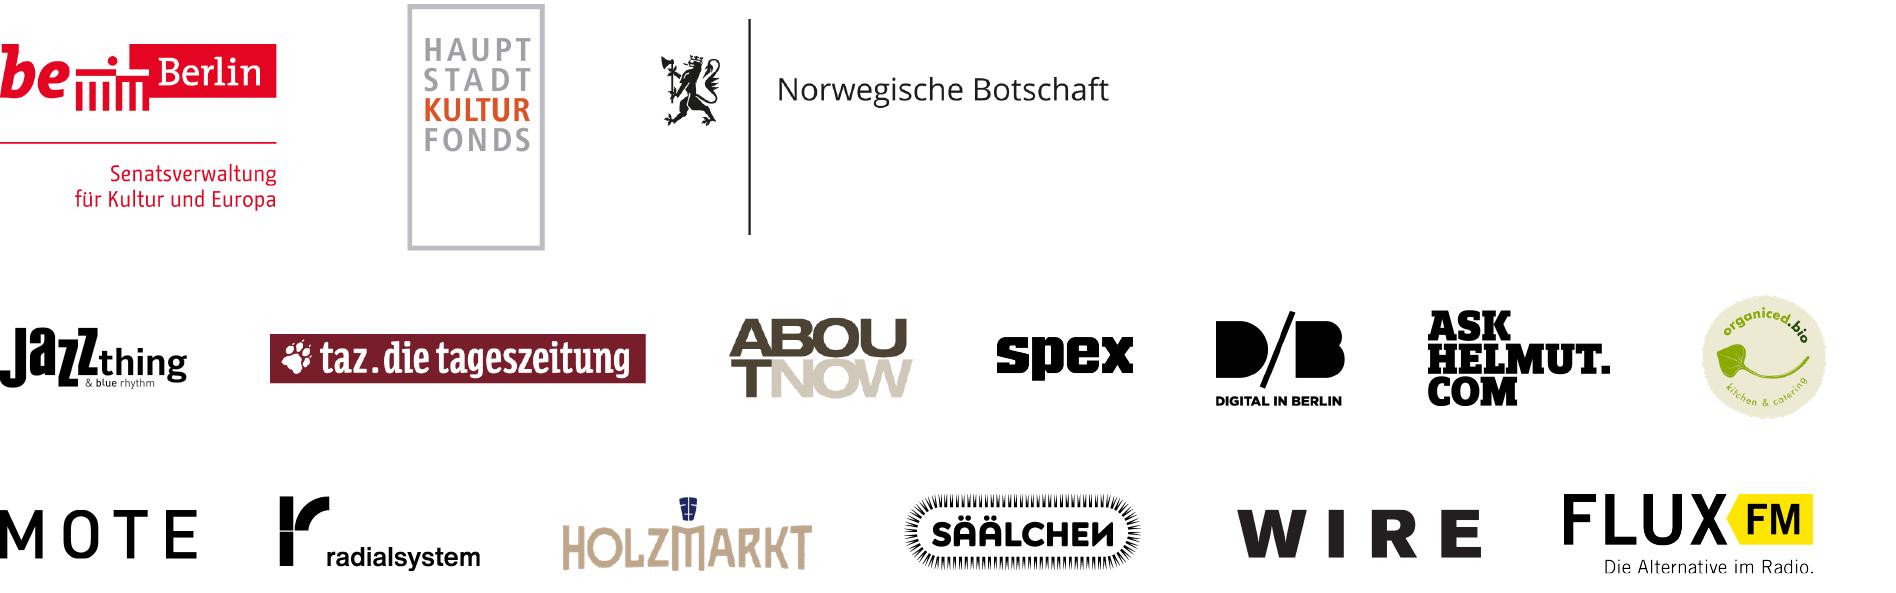 logoblock-2019